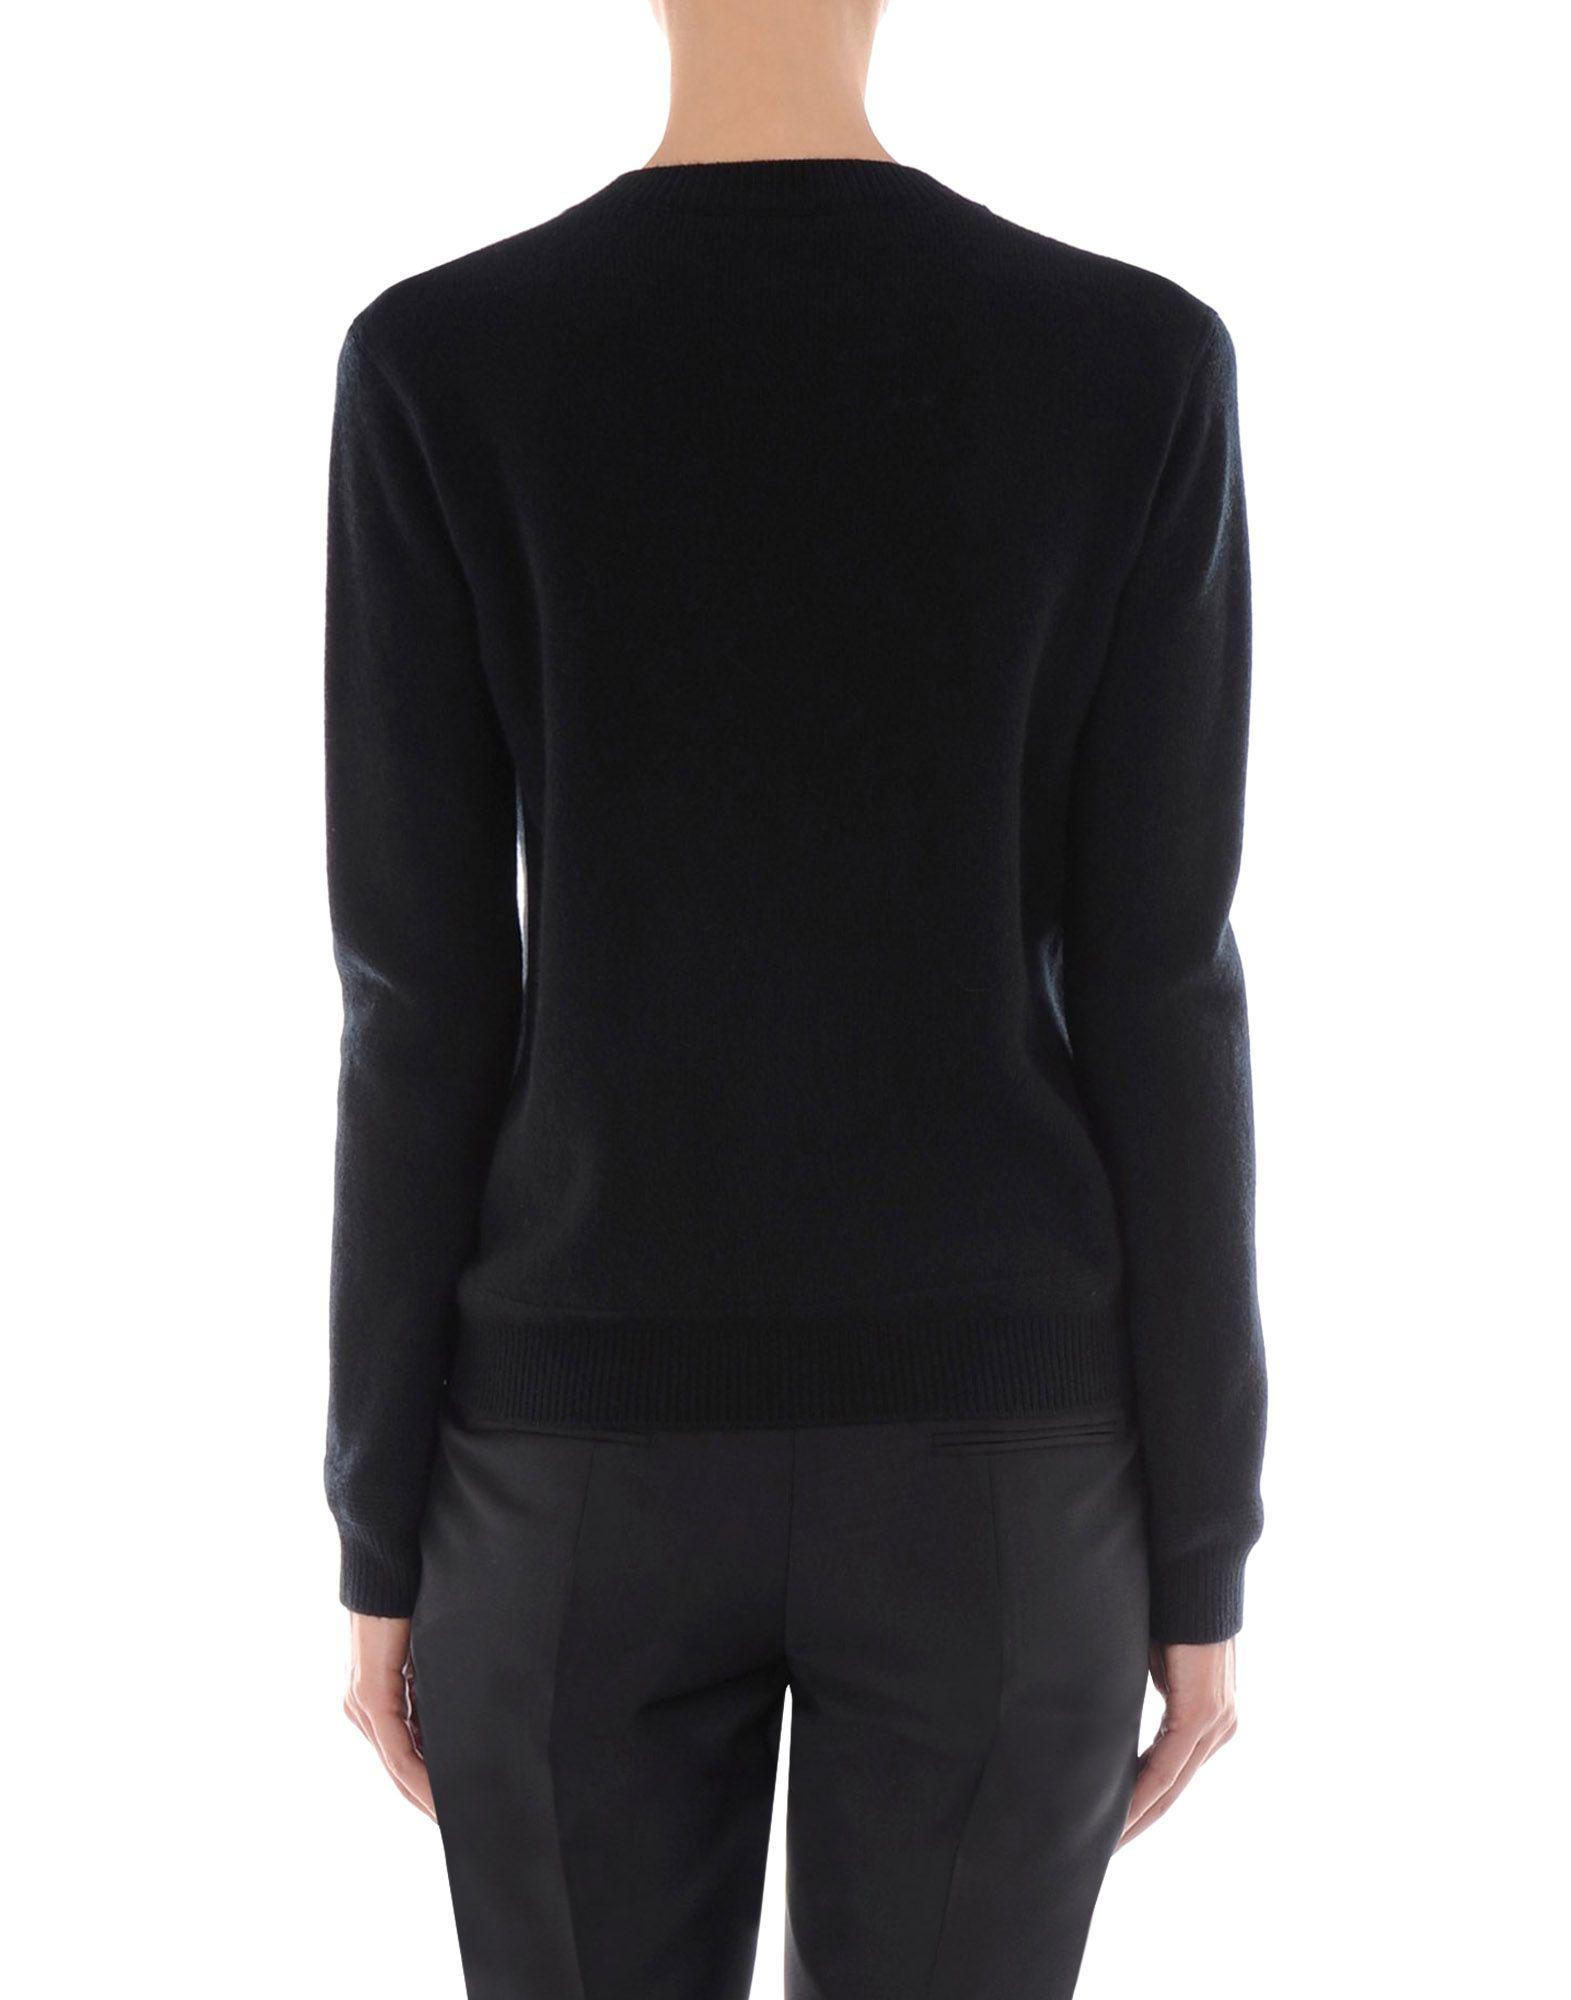 Sweater - JIL SANDER Online Store ...